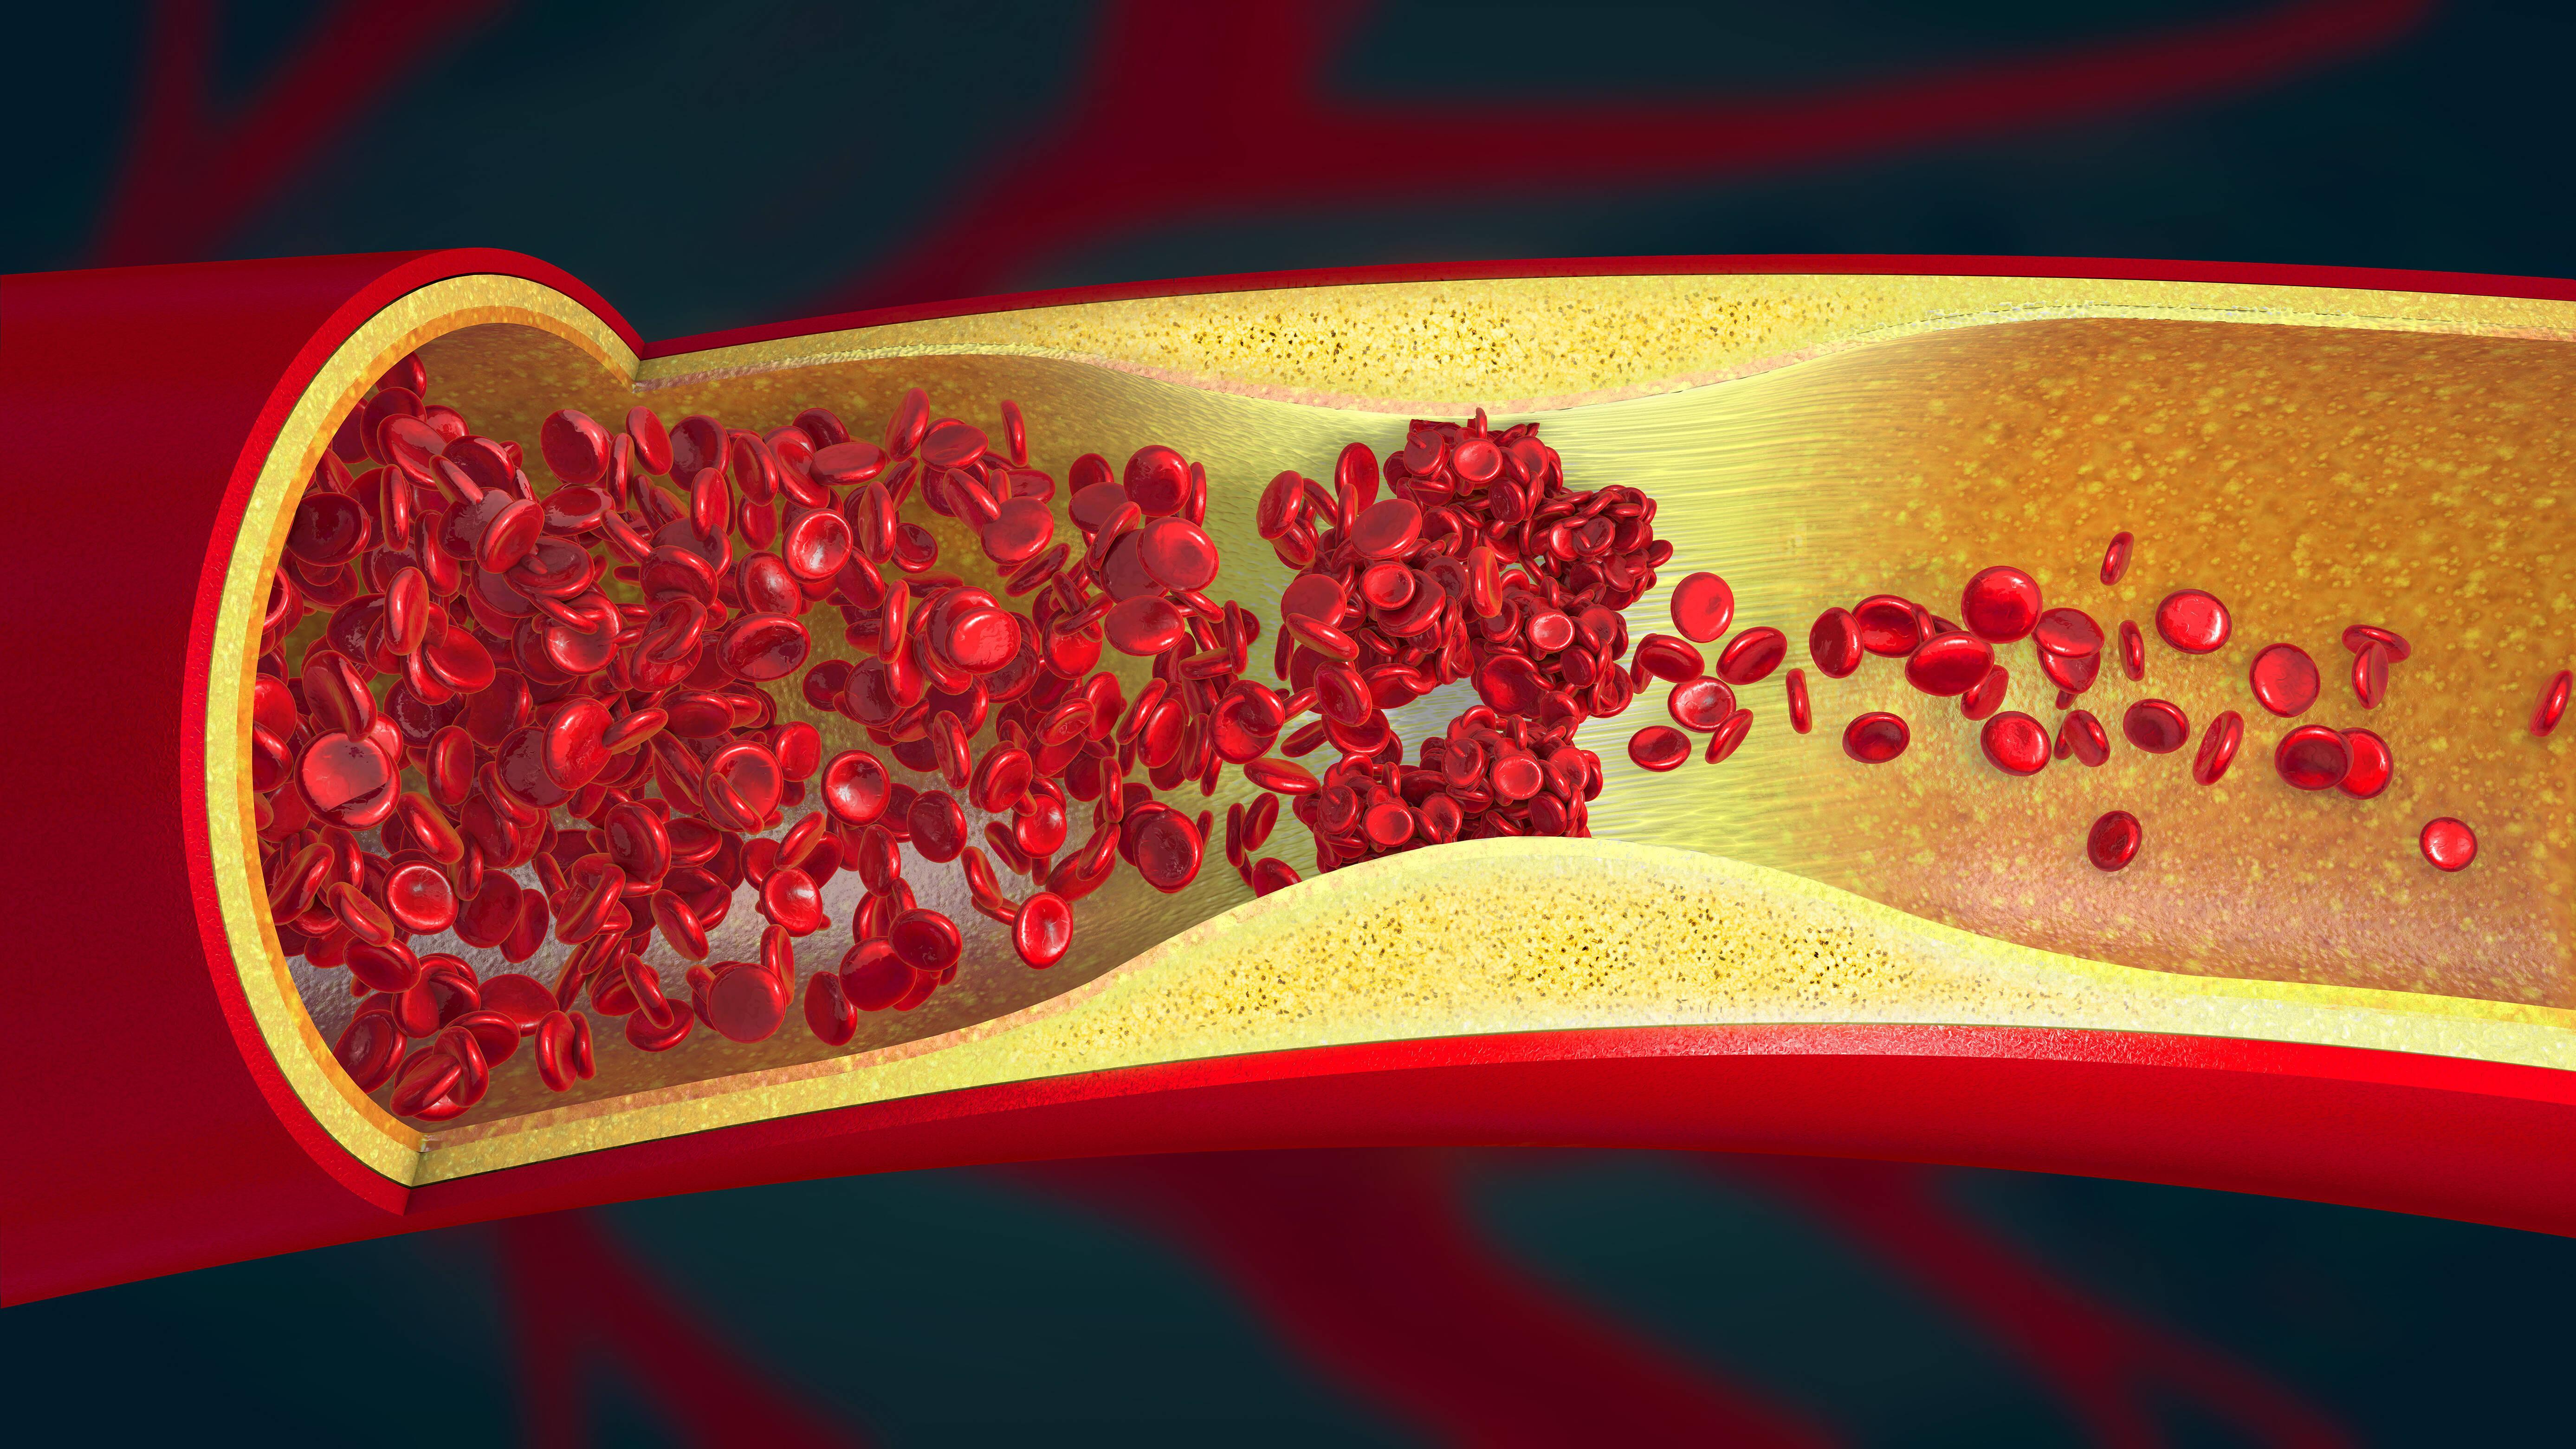 Die Ursachen einer Arteriosklerose sind noch nicht eindeutig geklärt. Erklärungen beruhen bisher auf Hypothesen.